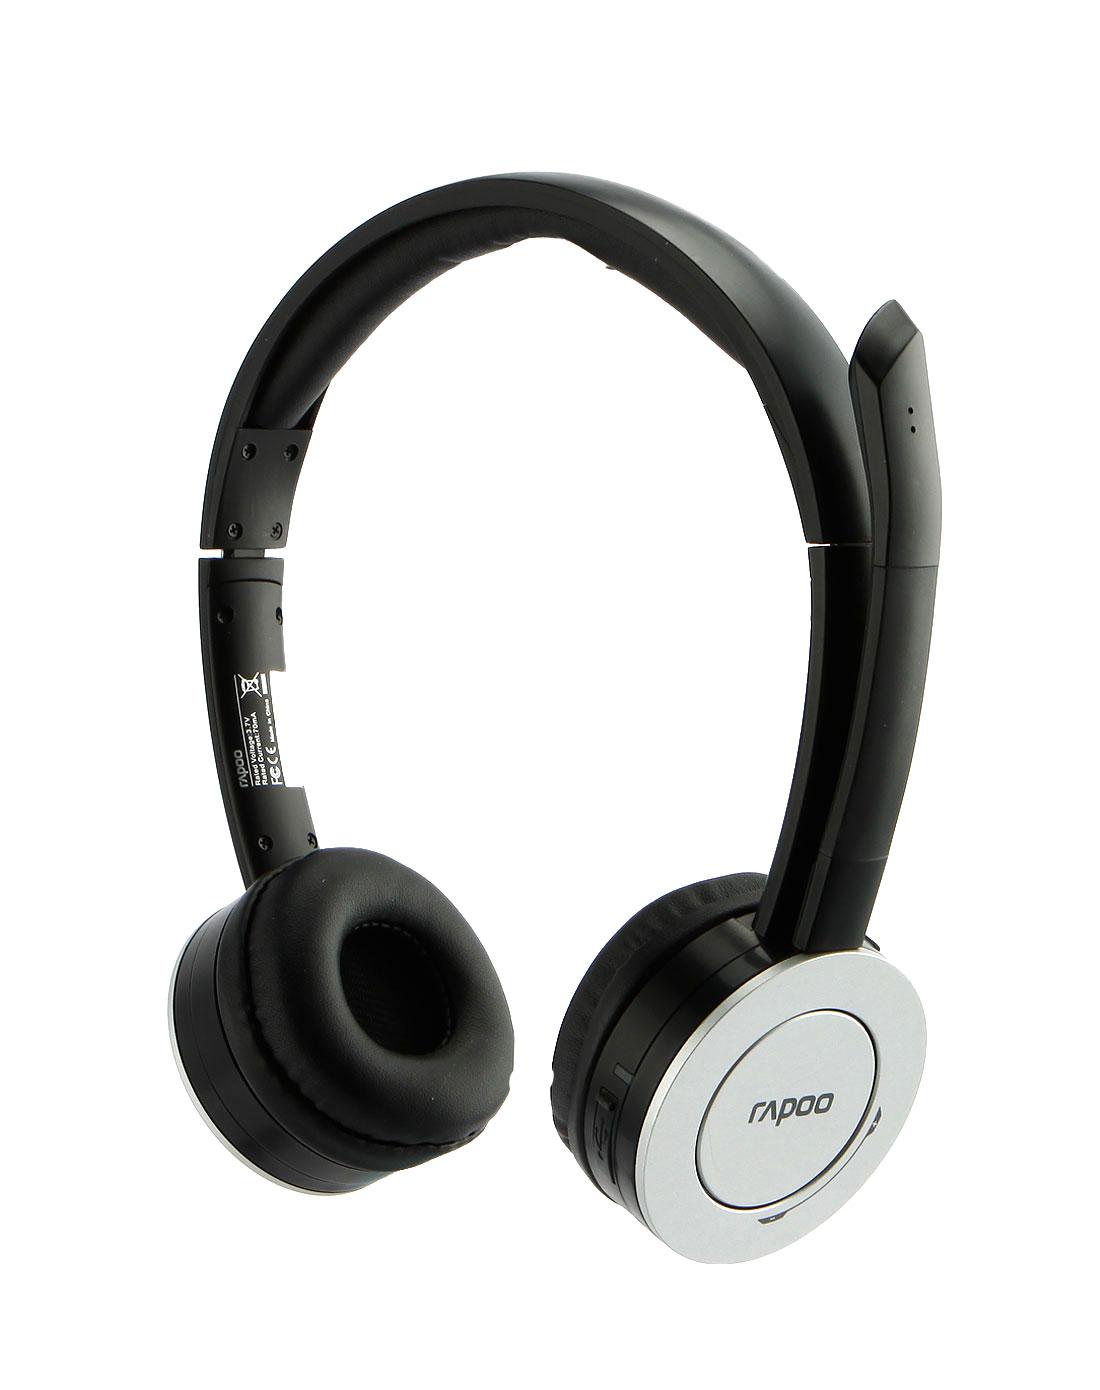 4g无线高保真麦克风耳机s260